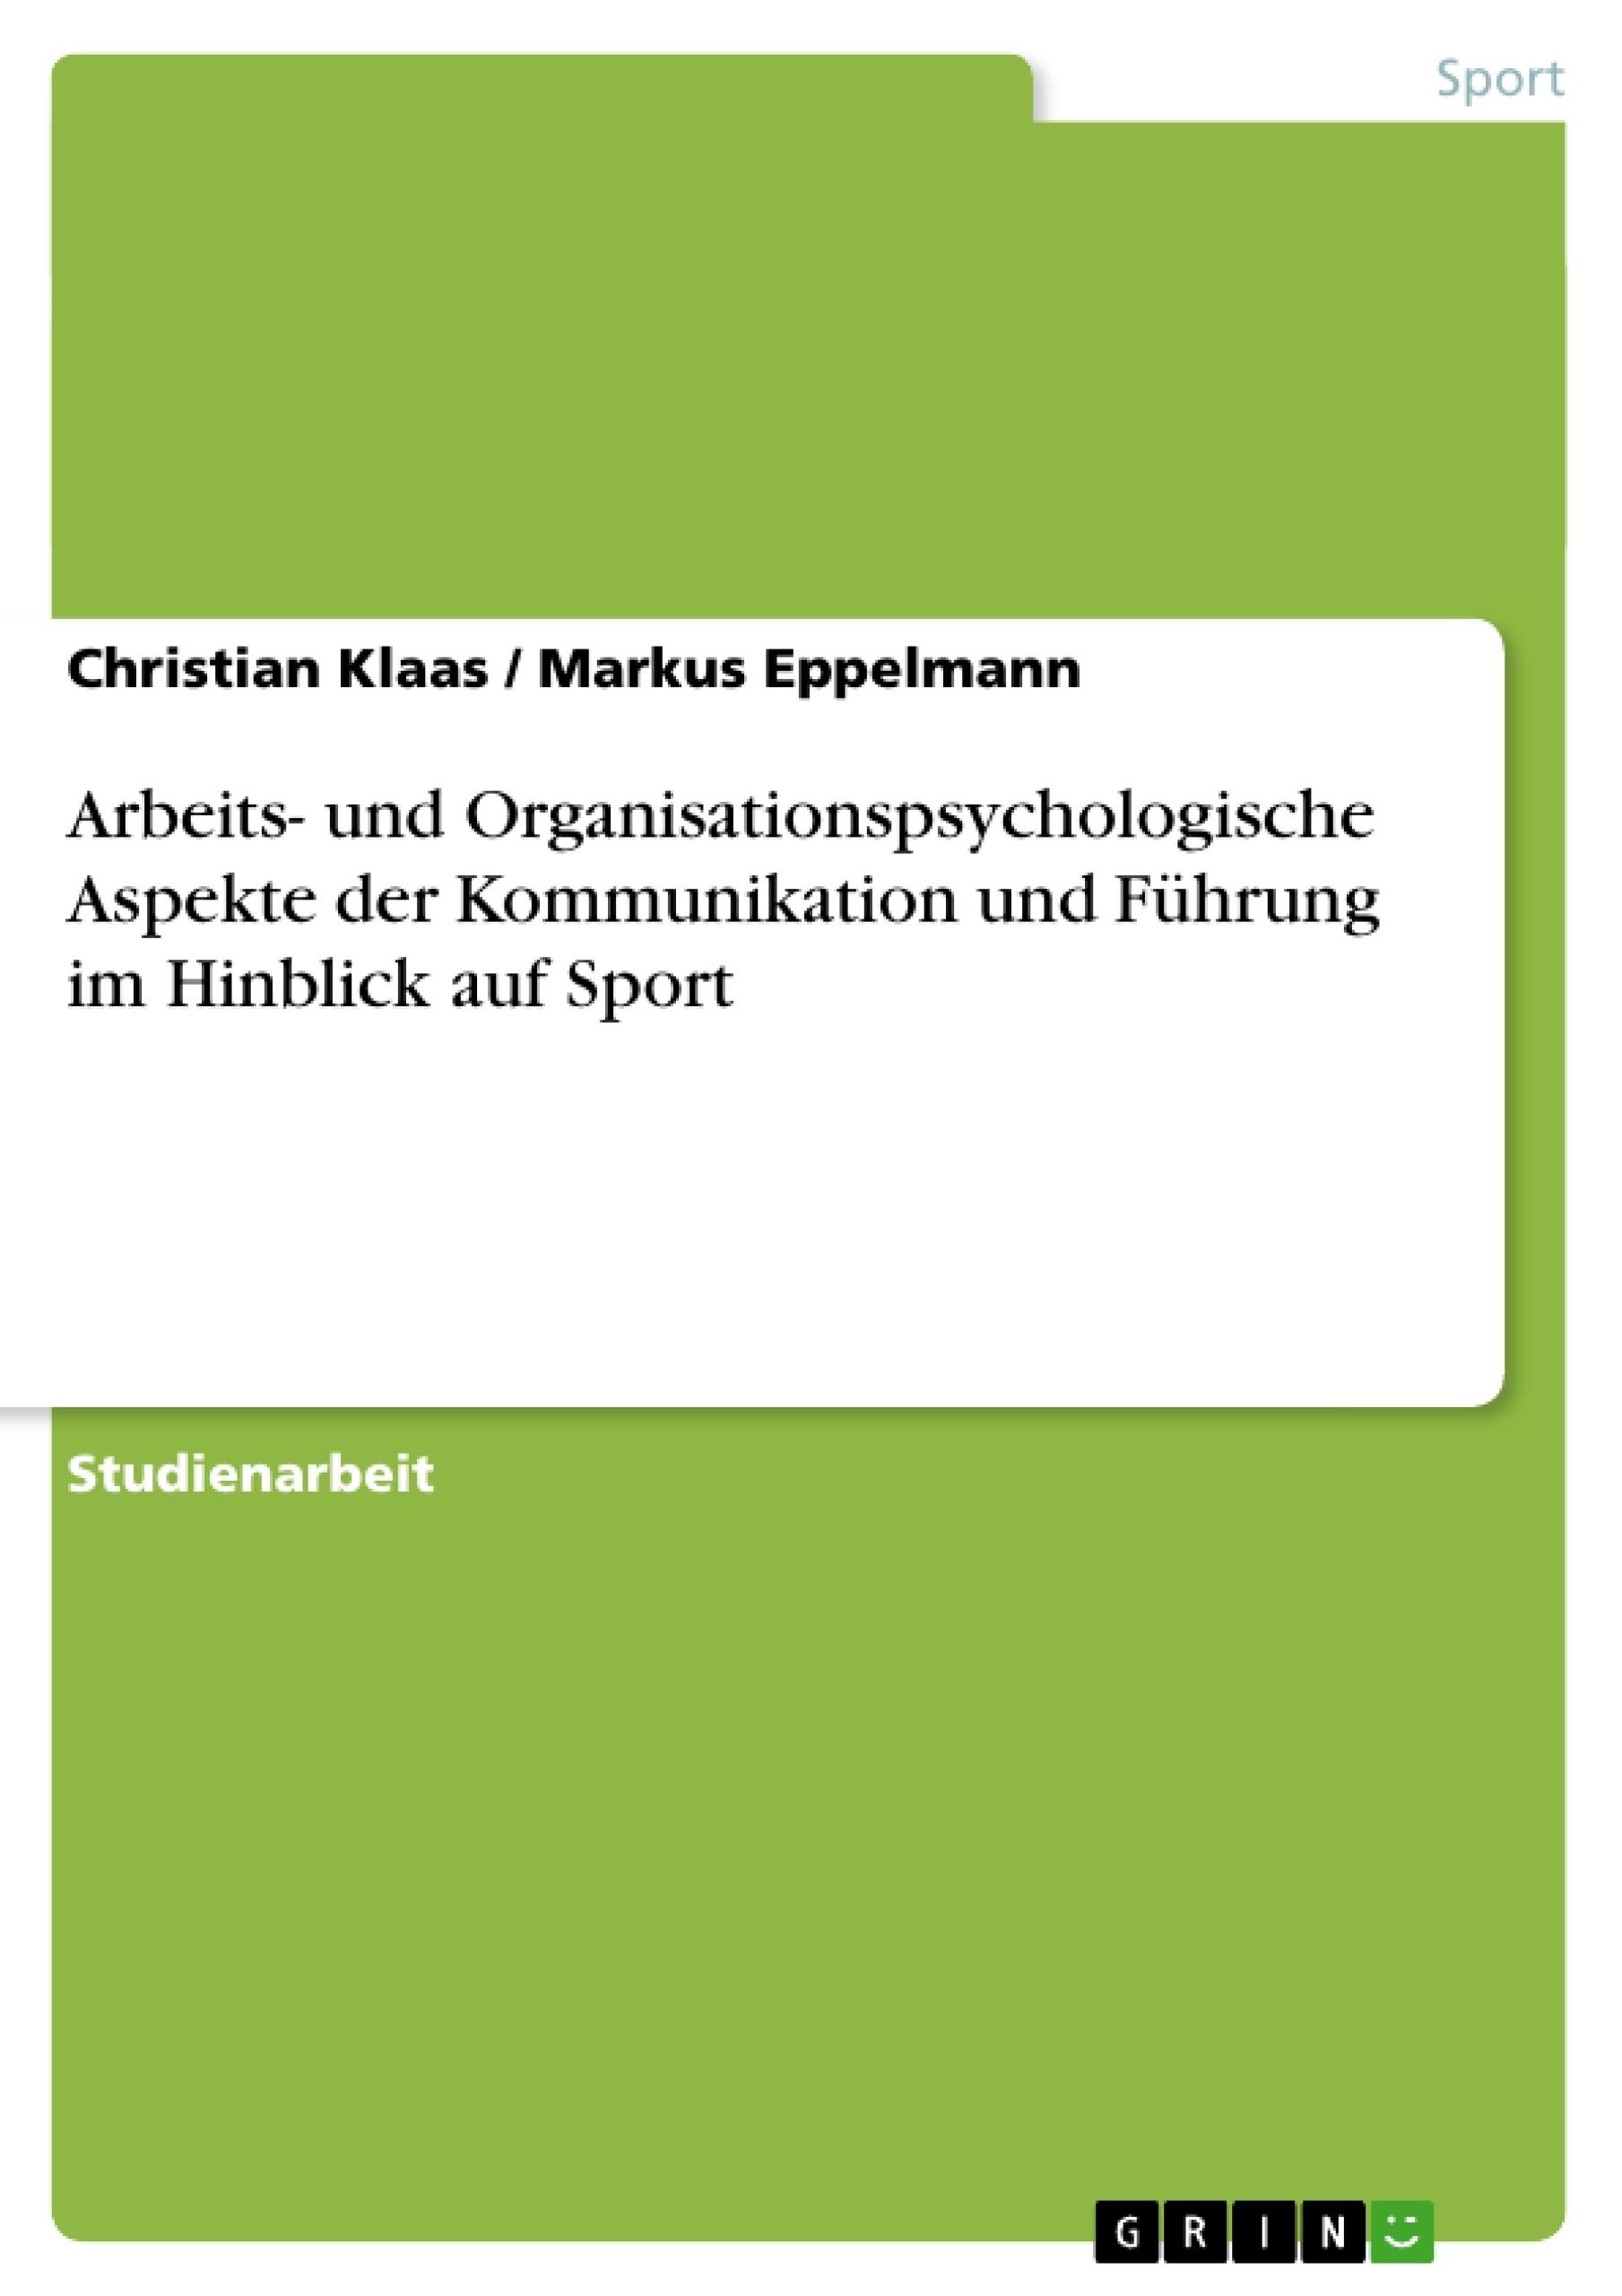 Titel: Arbeits- und Organisationspsychologische Aspekte der Kommunikation und Führung im Hinblick auf Sport